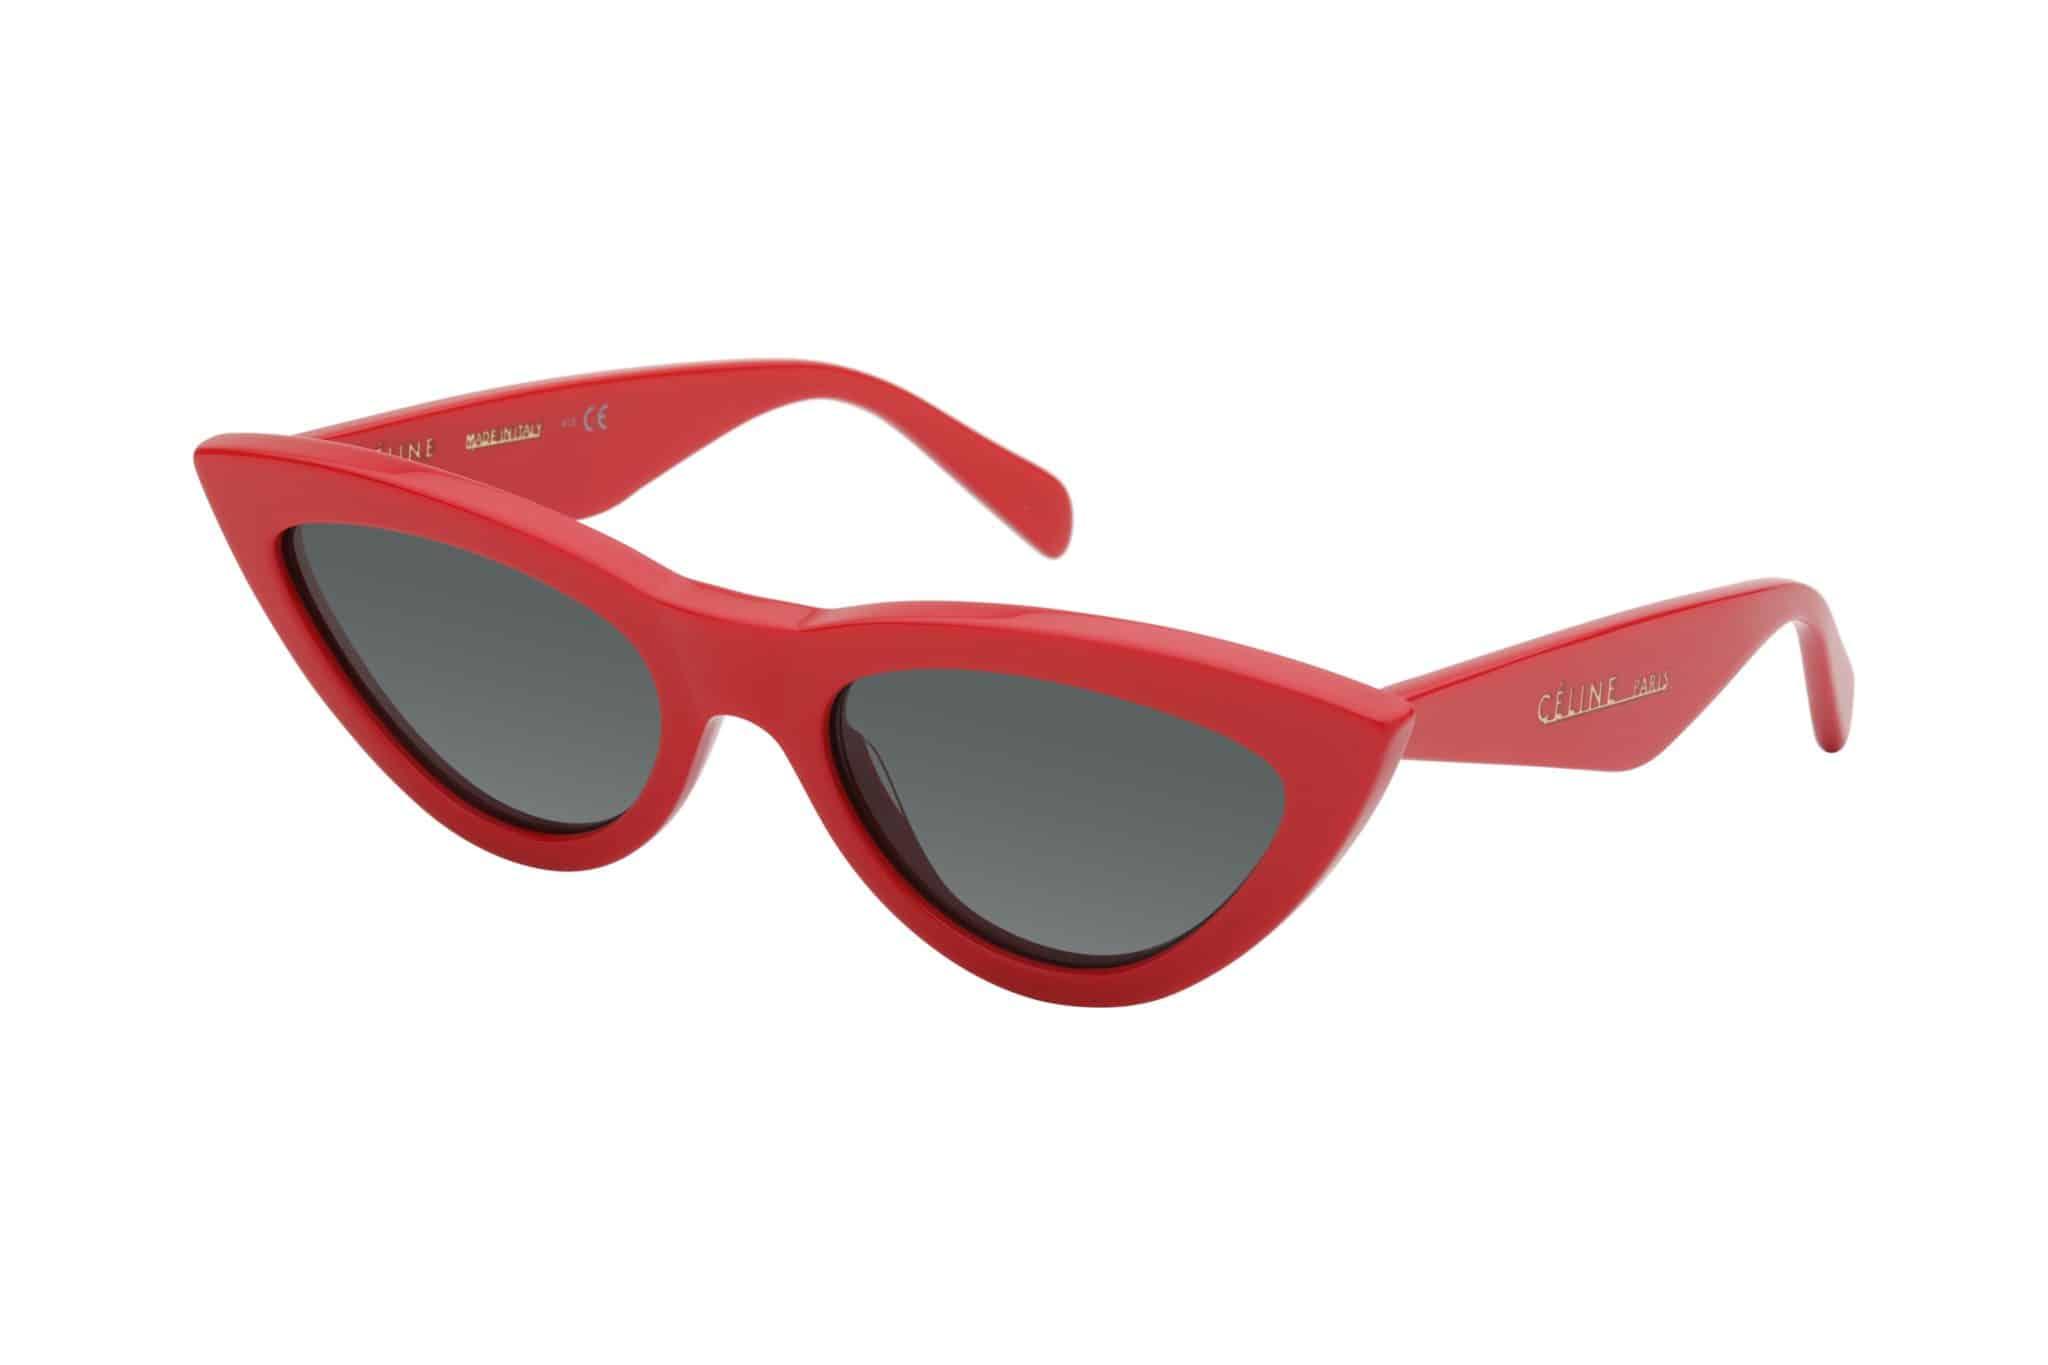 לקראת יום האהבה: משקפיים באדום וורוד